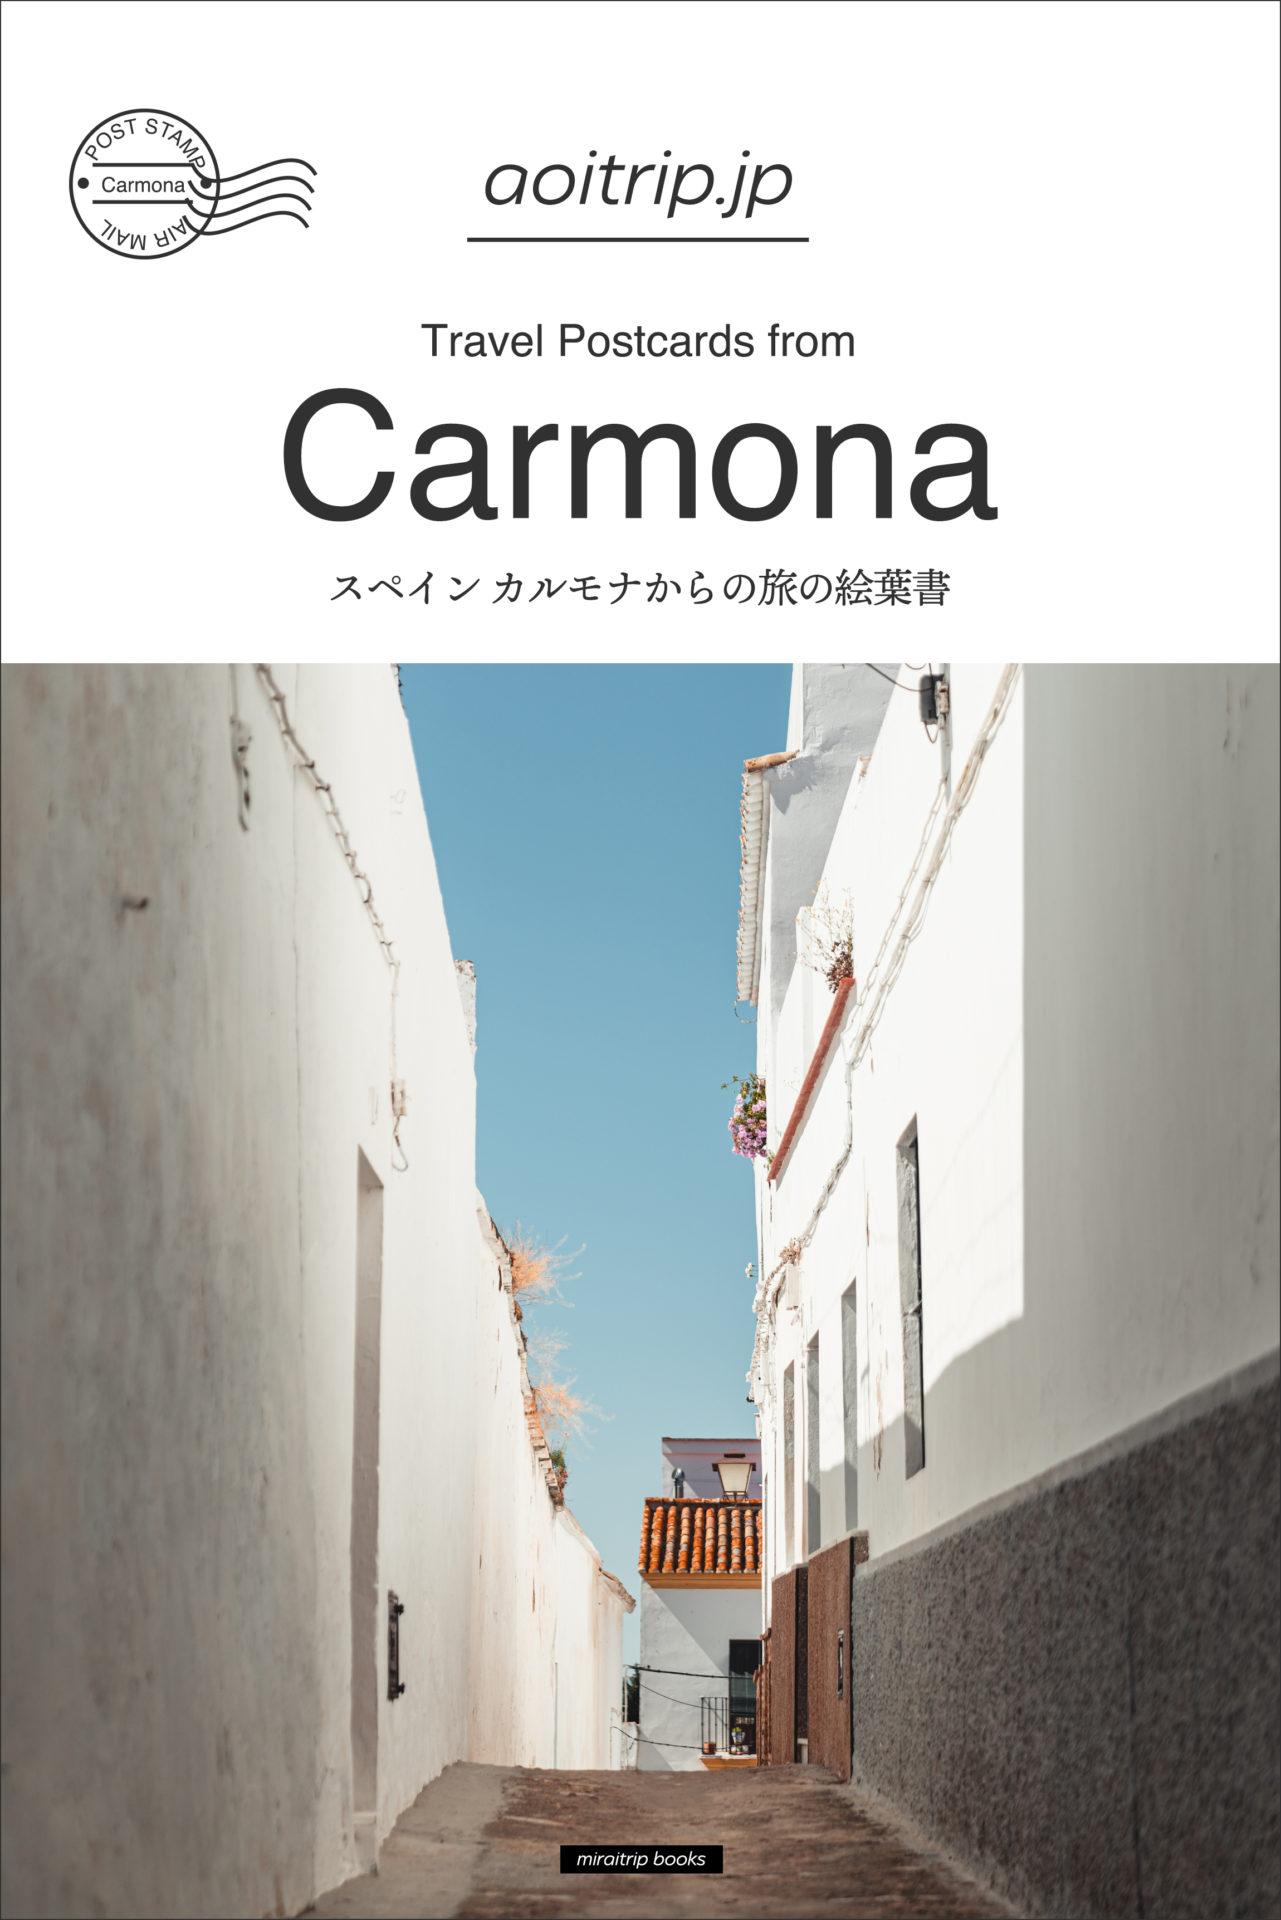 スペイン カルモナからの旅の絵葉書 Travel Postcards from Carmona, Spain